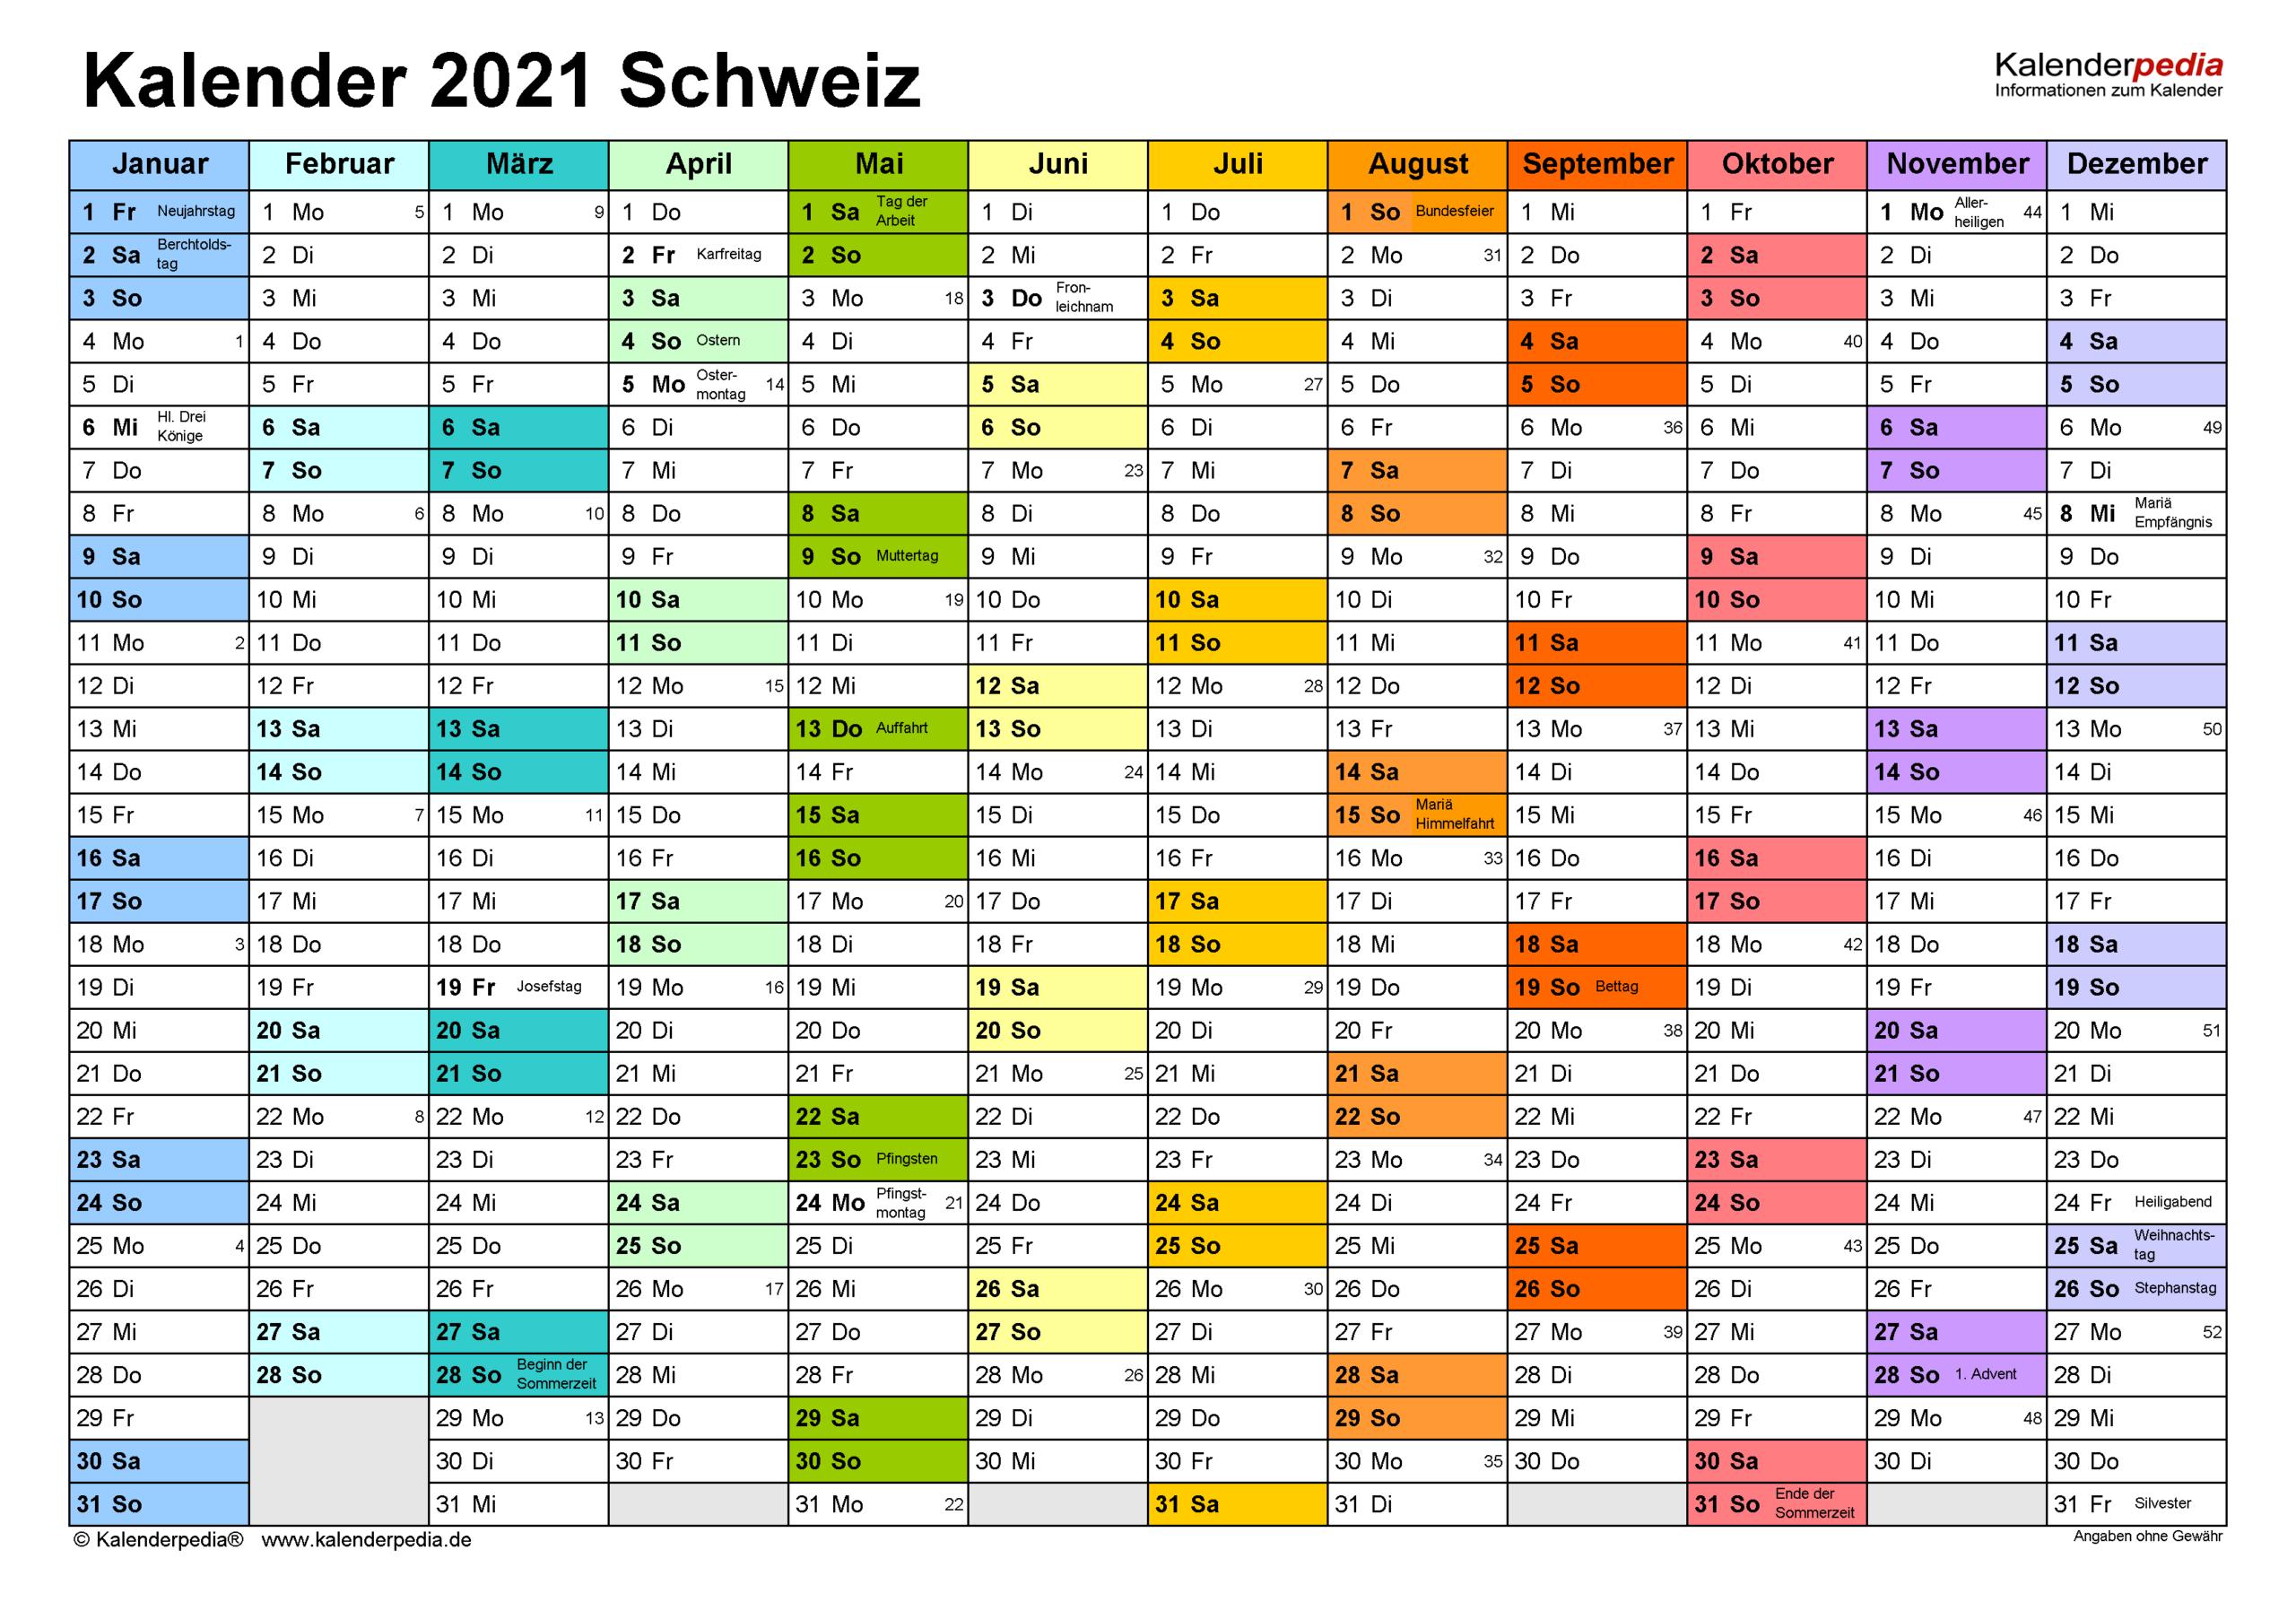 Kalender 2021 Schweiz In Excel Zum Ausdrucken